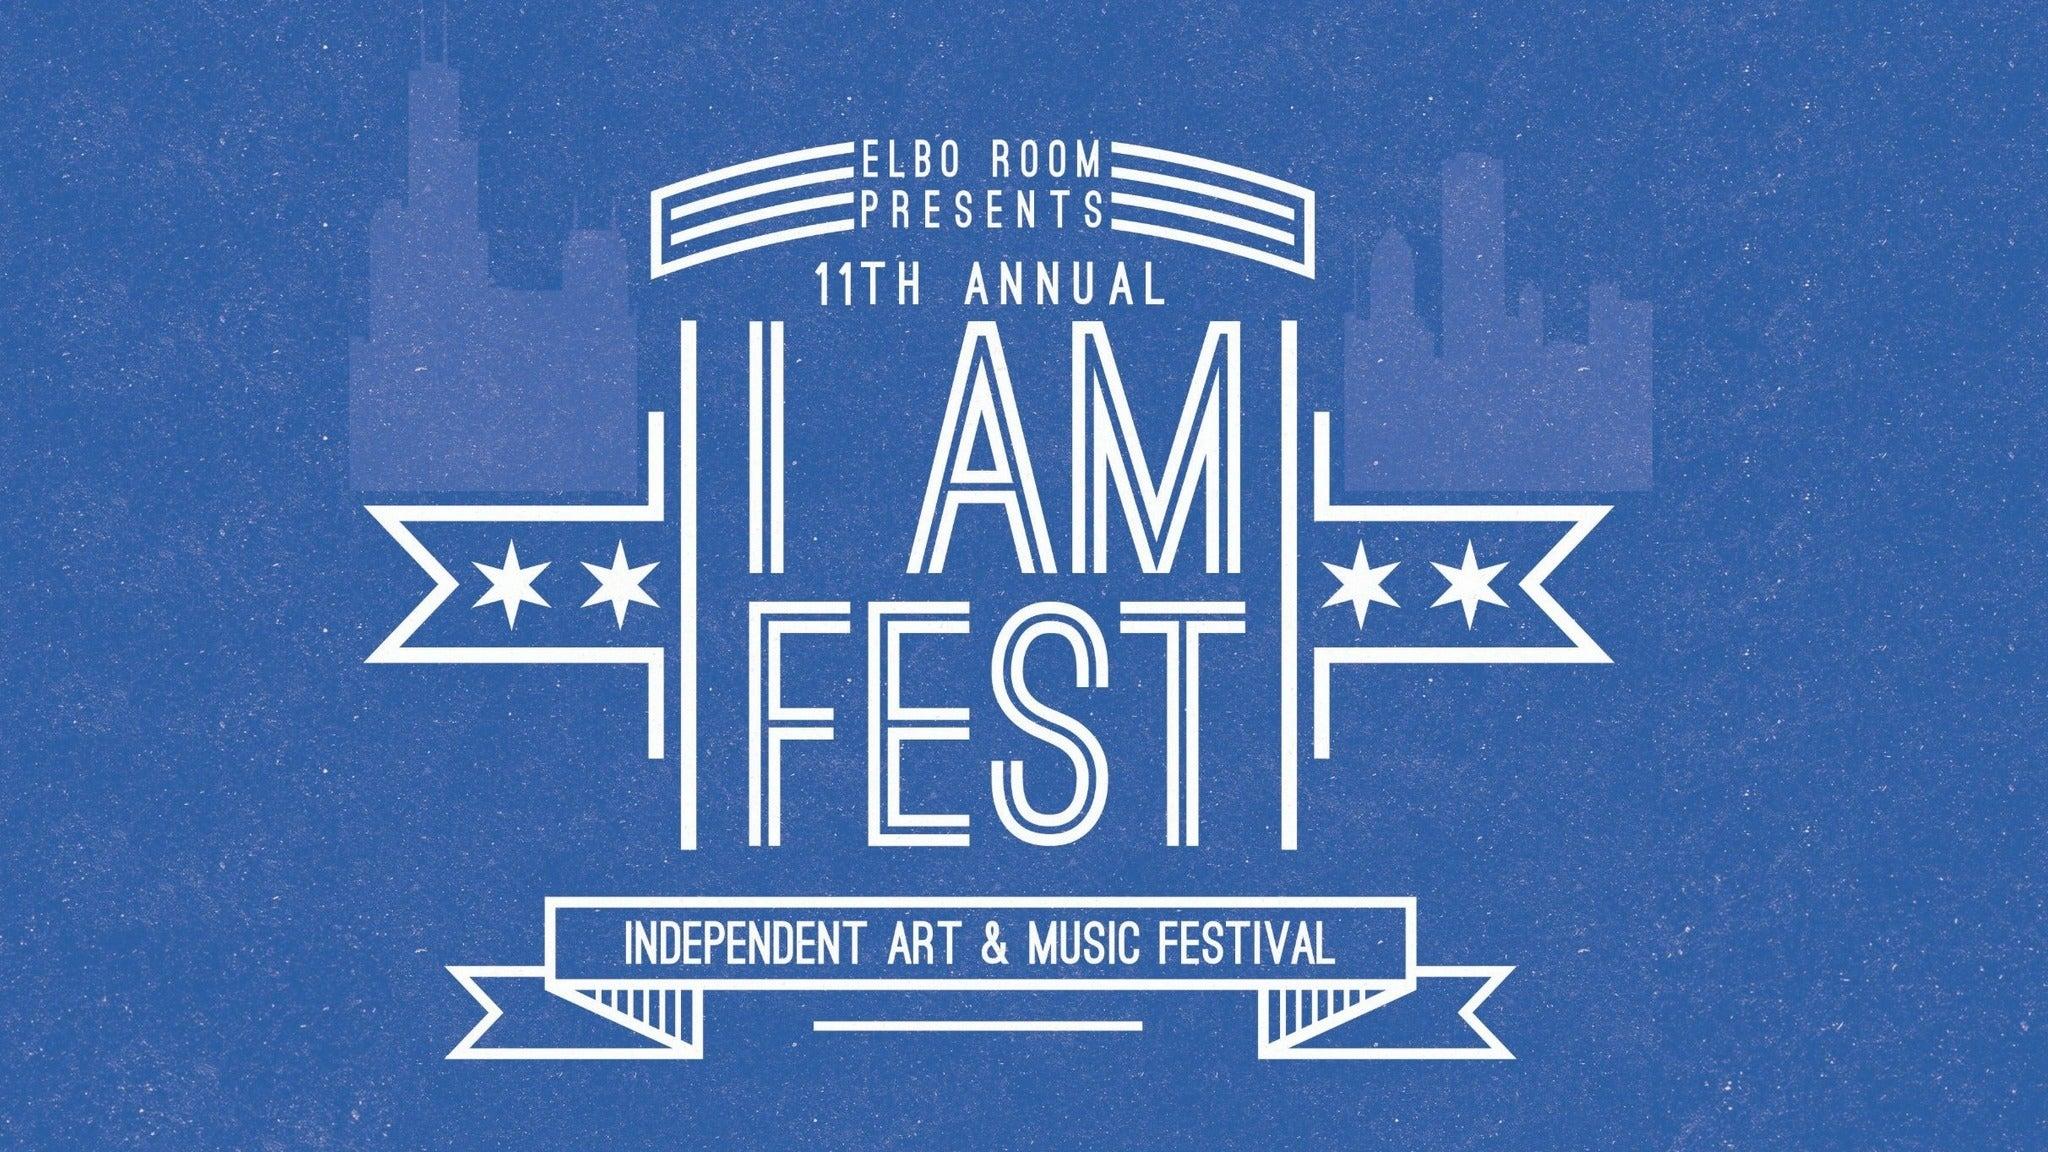 I Am Fest